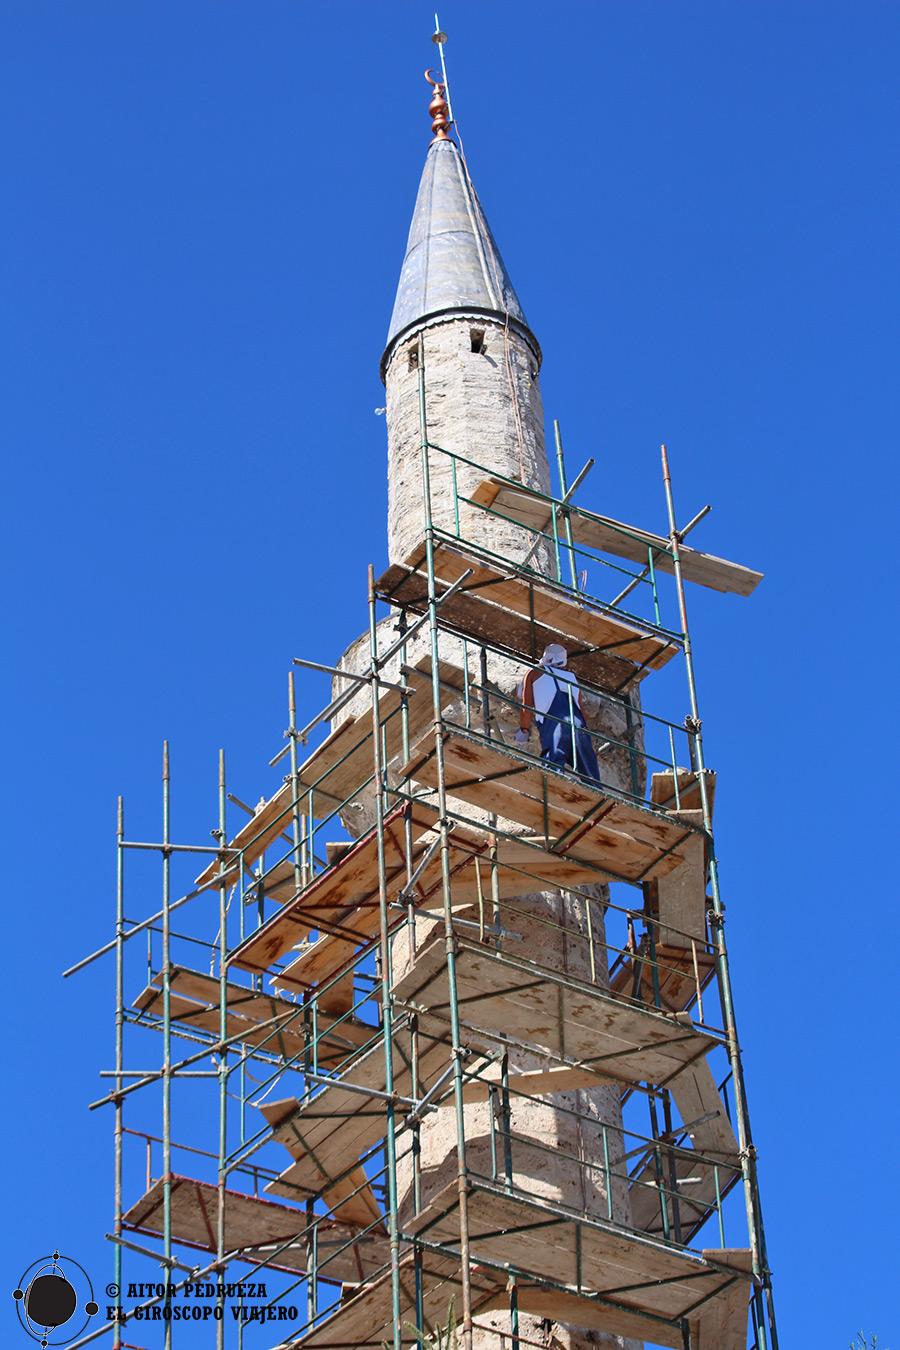 Reconstrucción del minarete de una mezquita en Pech